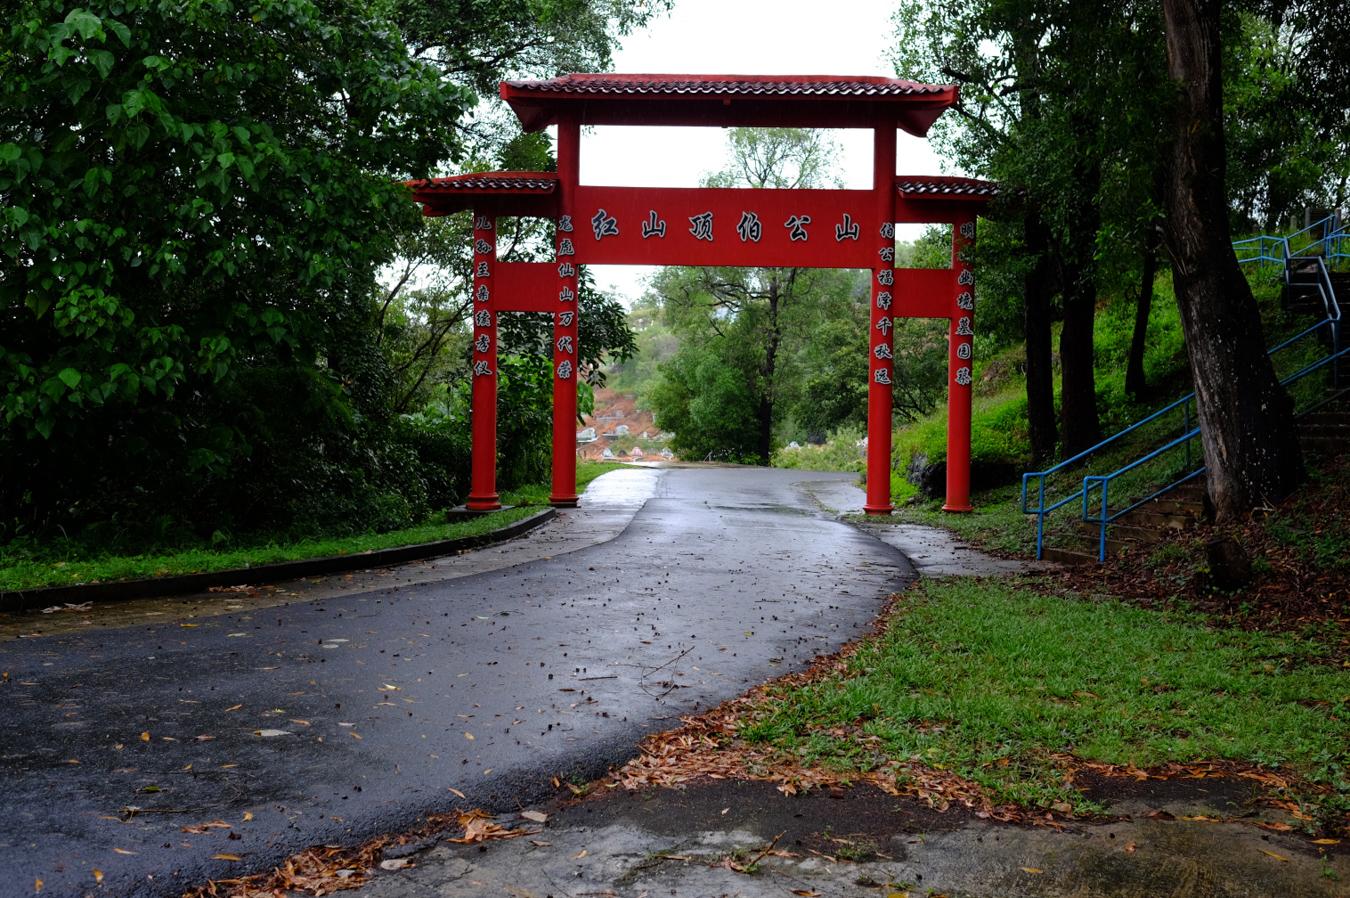 Enno hat am Rande der Stadt einen chinesischen Friedhof entdeckt